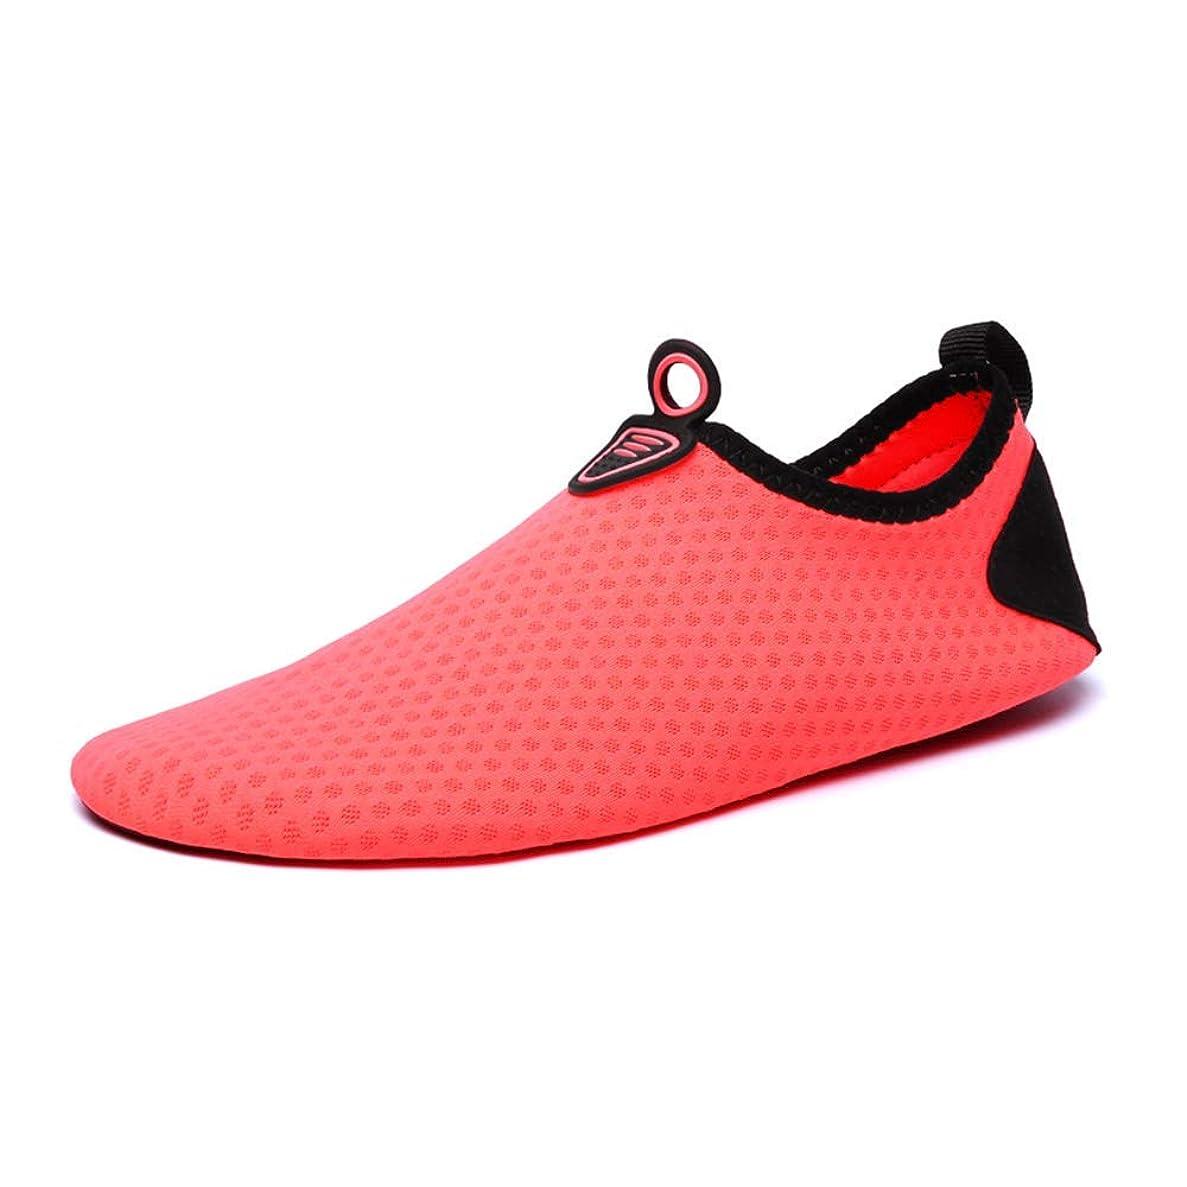 学者ブランデーキネマティクス[AKRI] ウォーターシューズ 滑り止め ビーチサンダル シュノーケリング 速乾 アクアシューズ ユニセックス ソフト 通気性 スポーツ ビーチシューズ 水陸両用 水遊びの靴